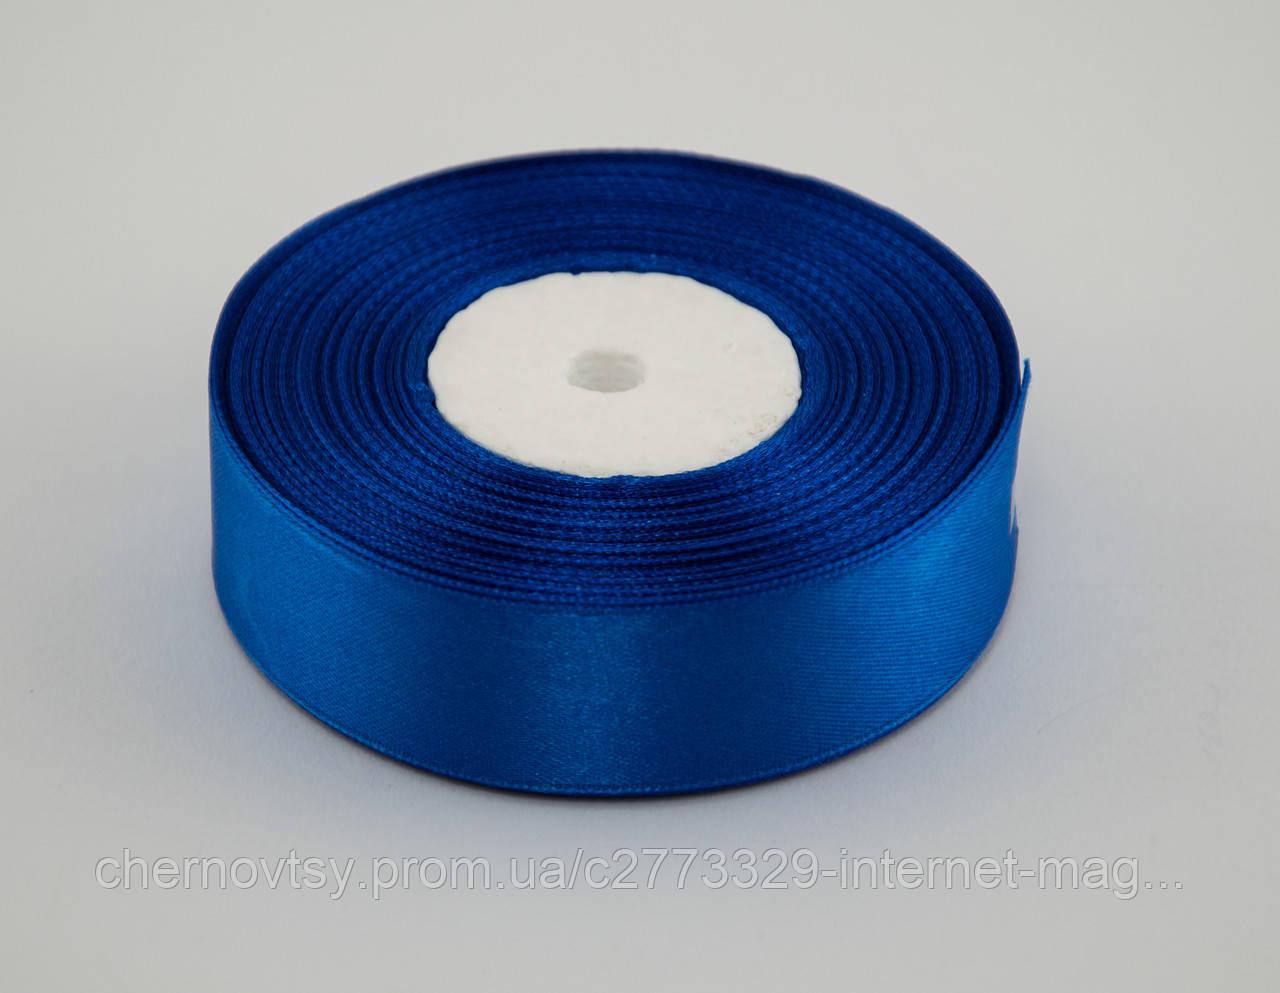 Стрічка атлас 2 см, 33 м, № 40 Синя